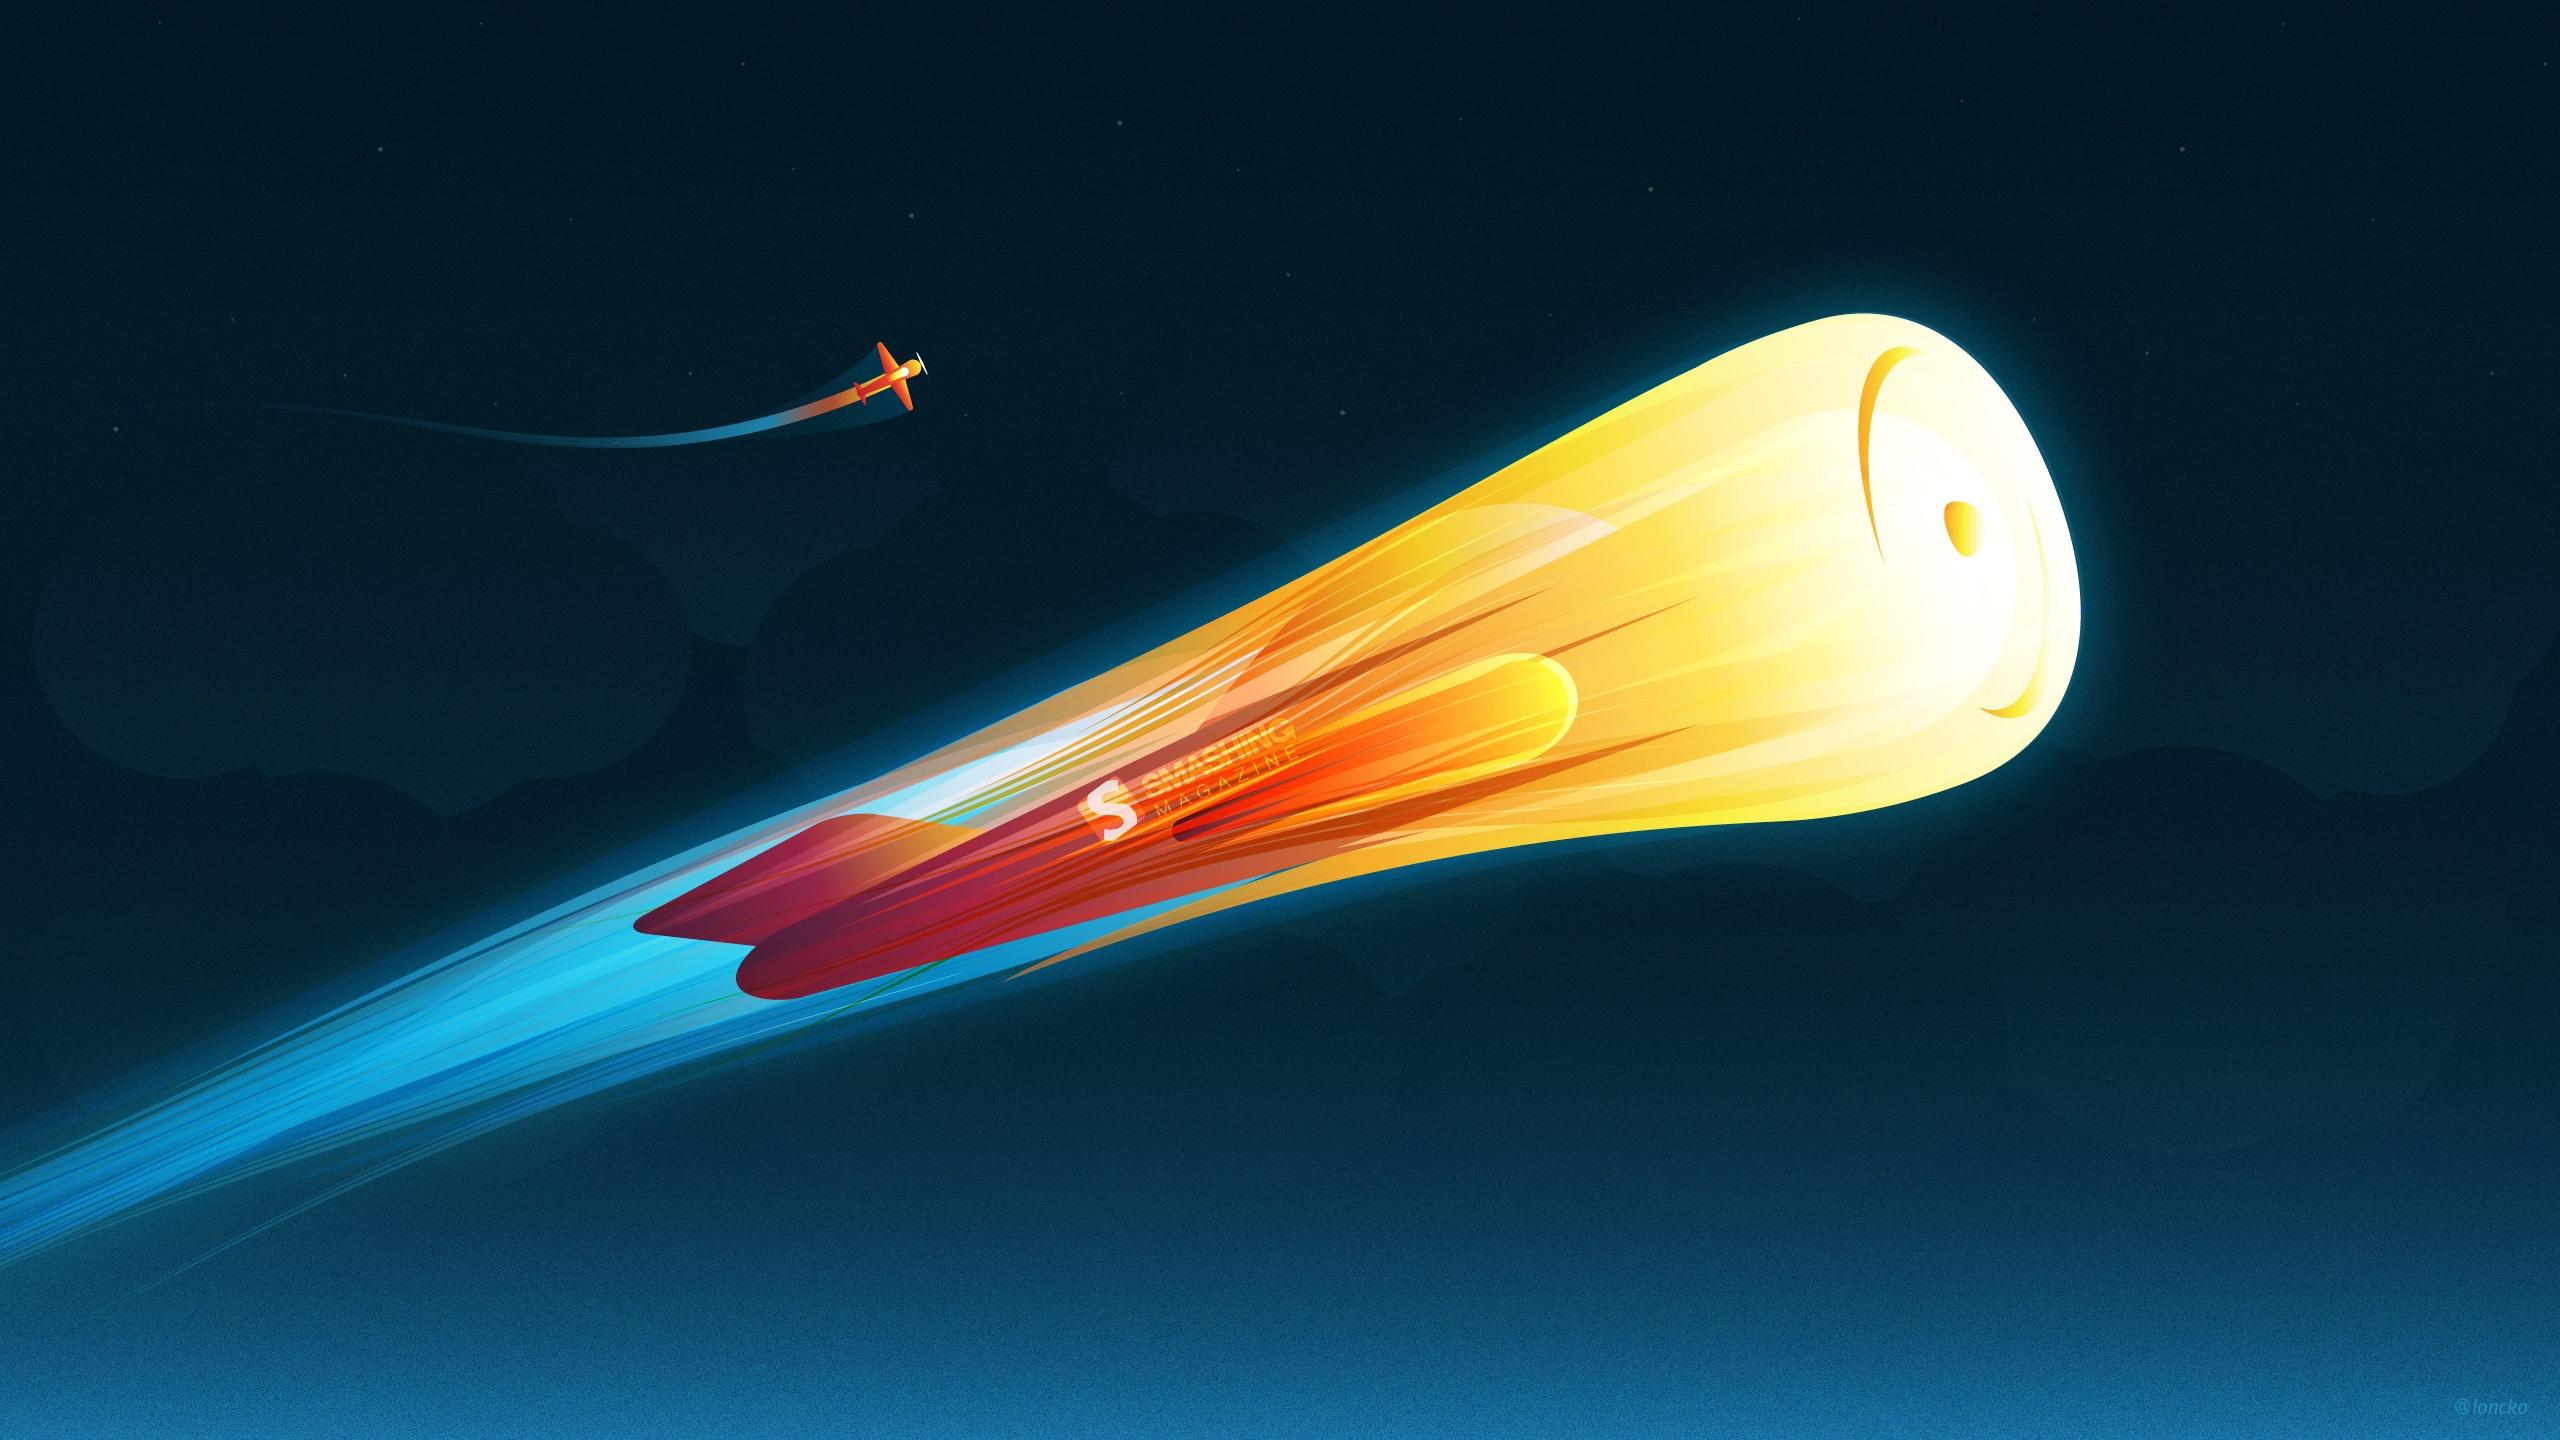 картинки кометы и ракеты похоронах писателя урну